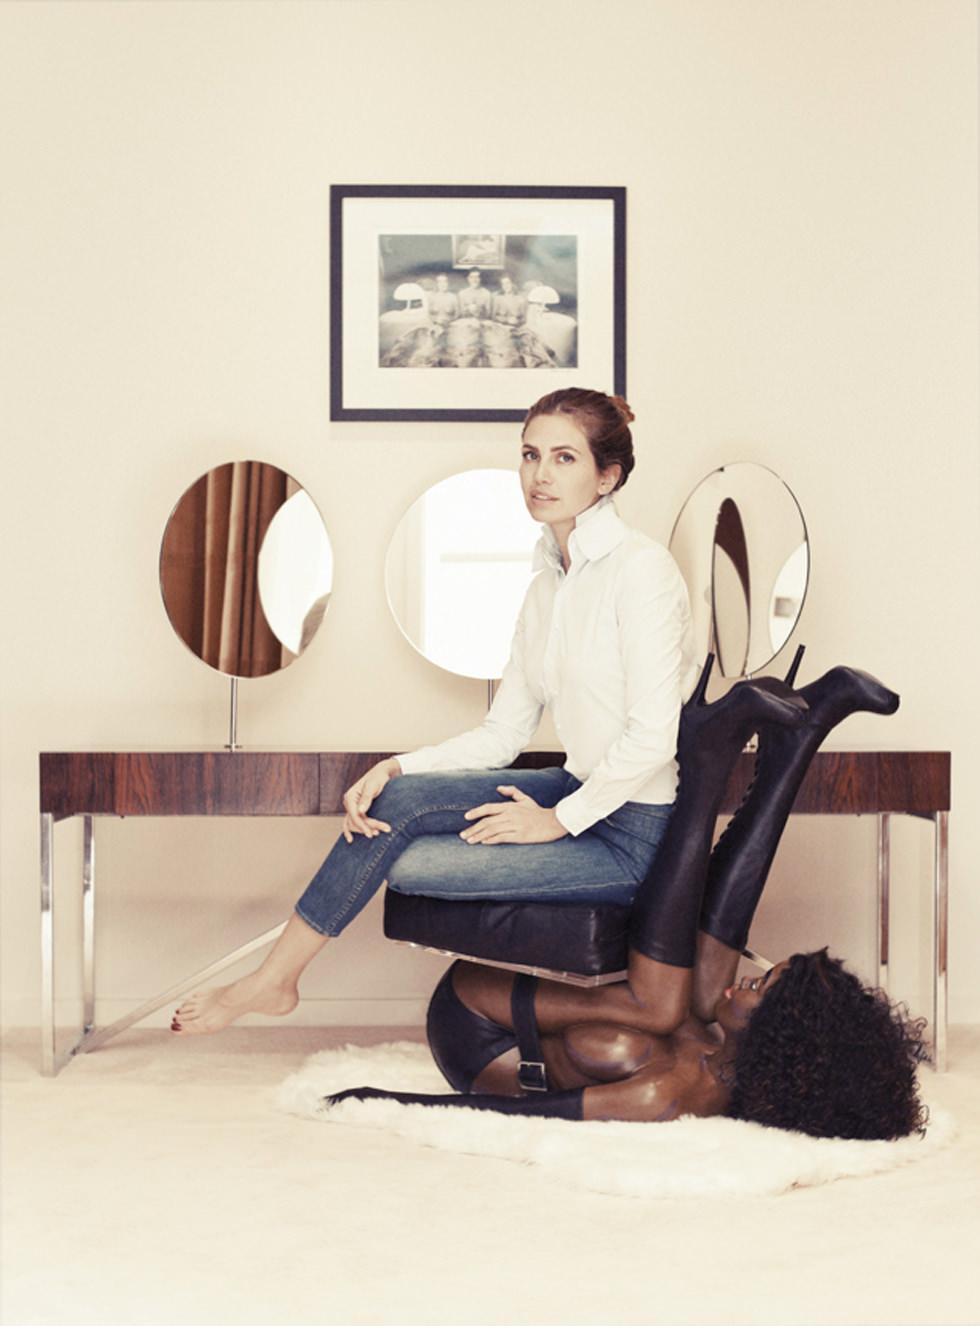 La silla de ébano